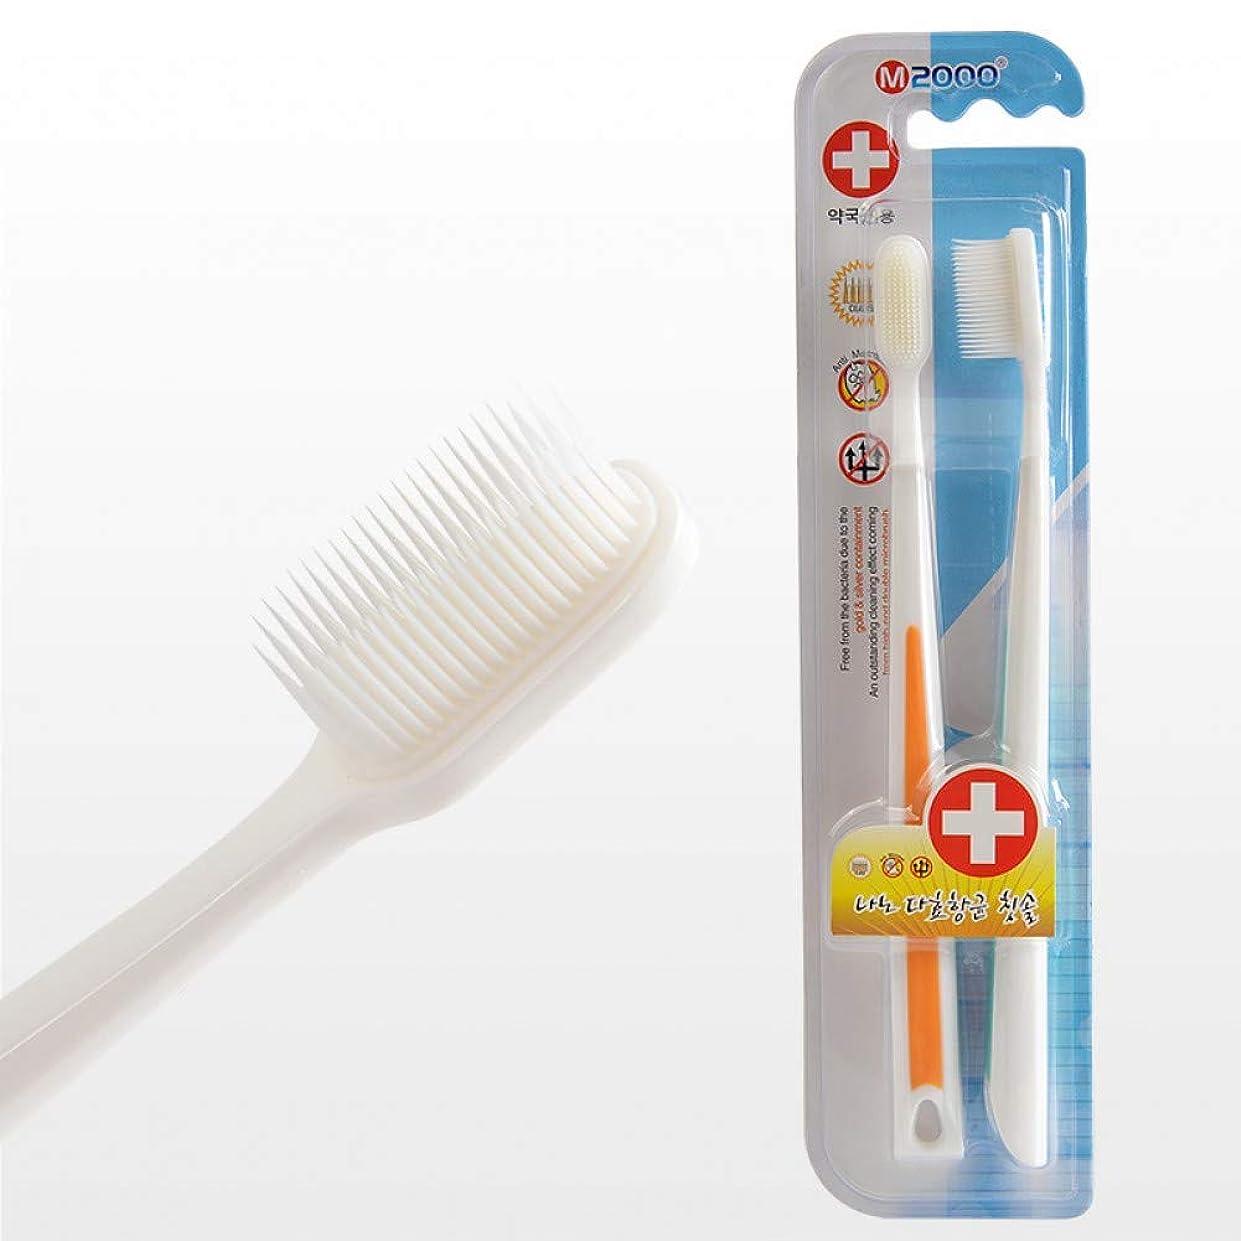 タブレット裂け目仕事に行く2ピースナノ竹炭歯ブラシダブル超ソフト歯ブラシ舌クリーナーブラックヘッドナノ抗菌、白